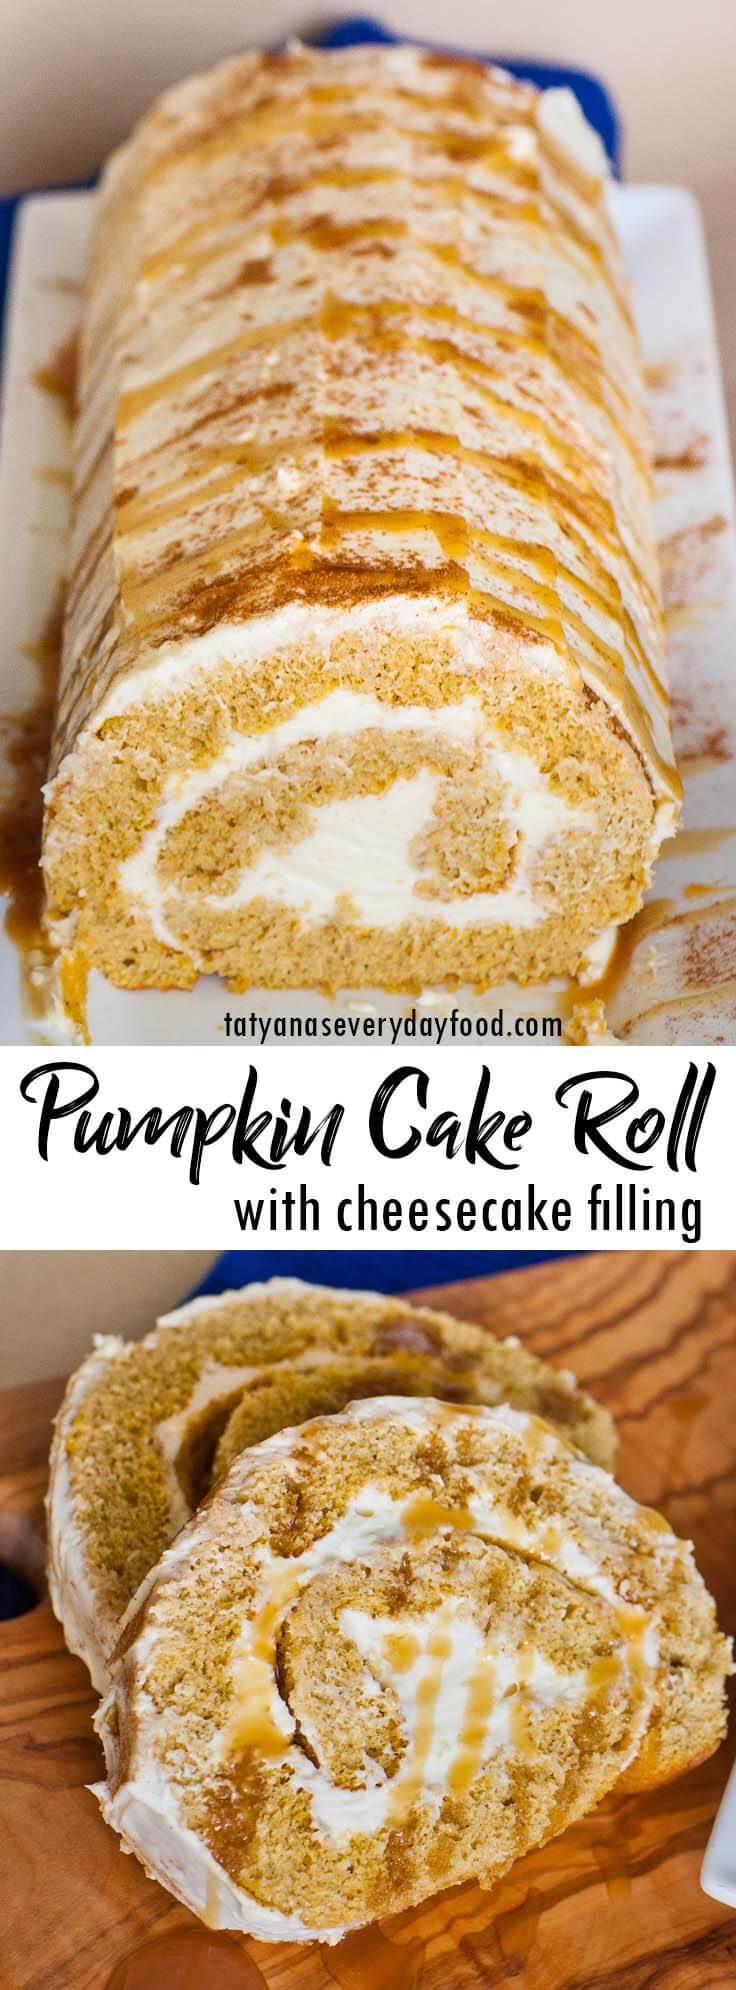 Cheesecake Pumpkin Cake Roll video recipe